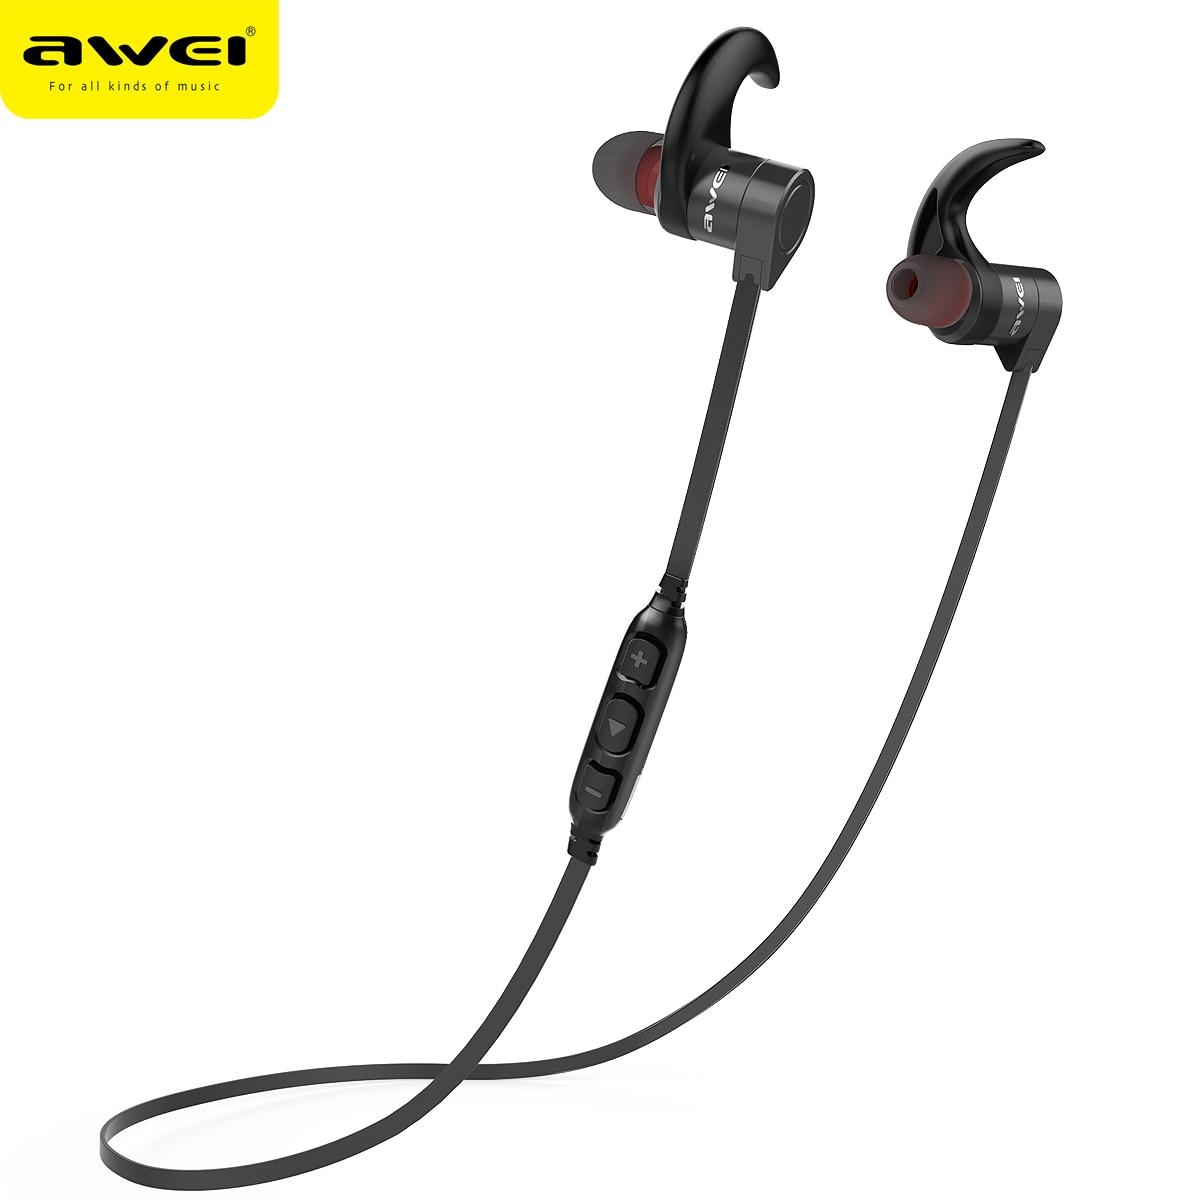 AWEI AK3 auriculares inalámbricos auriculares Bluetooth Megnetic auricular Bluetooth auricular inalámbrico auriculares auricular Casque kulakl k